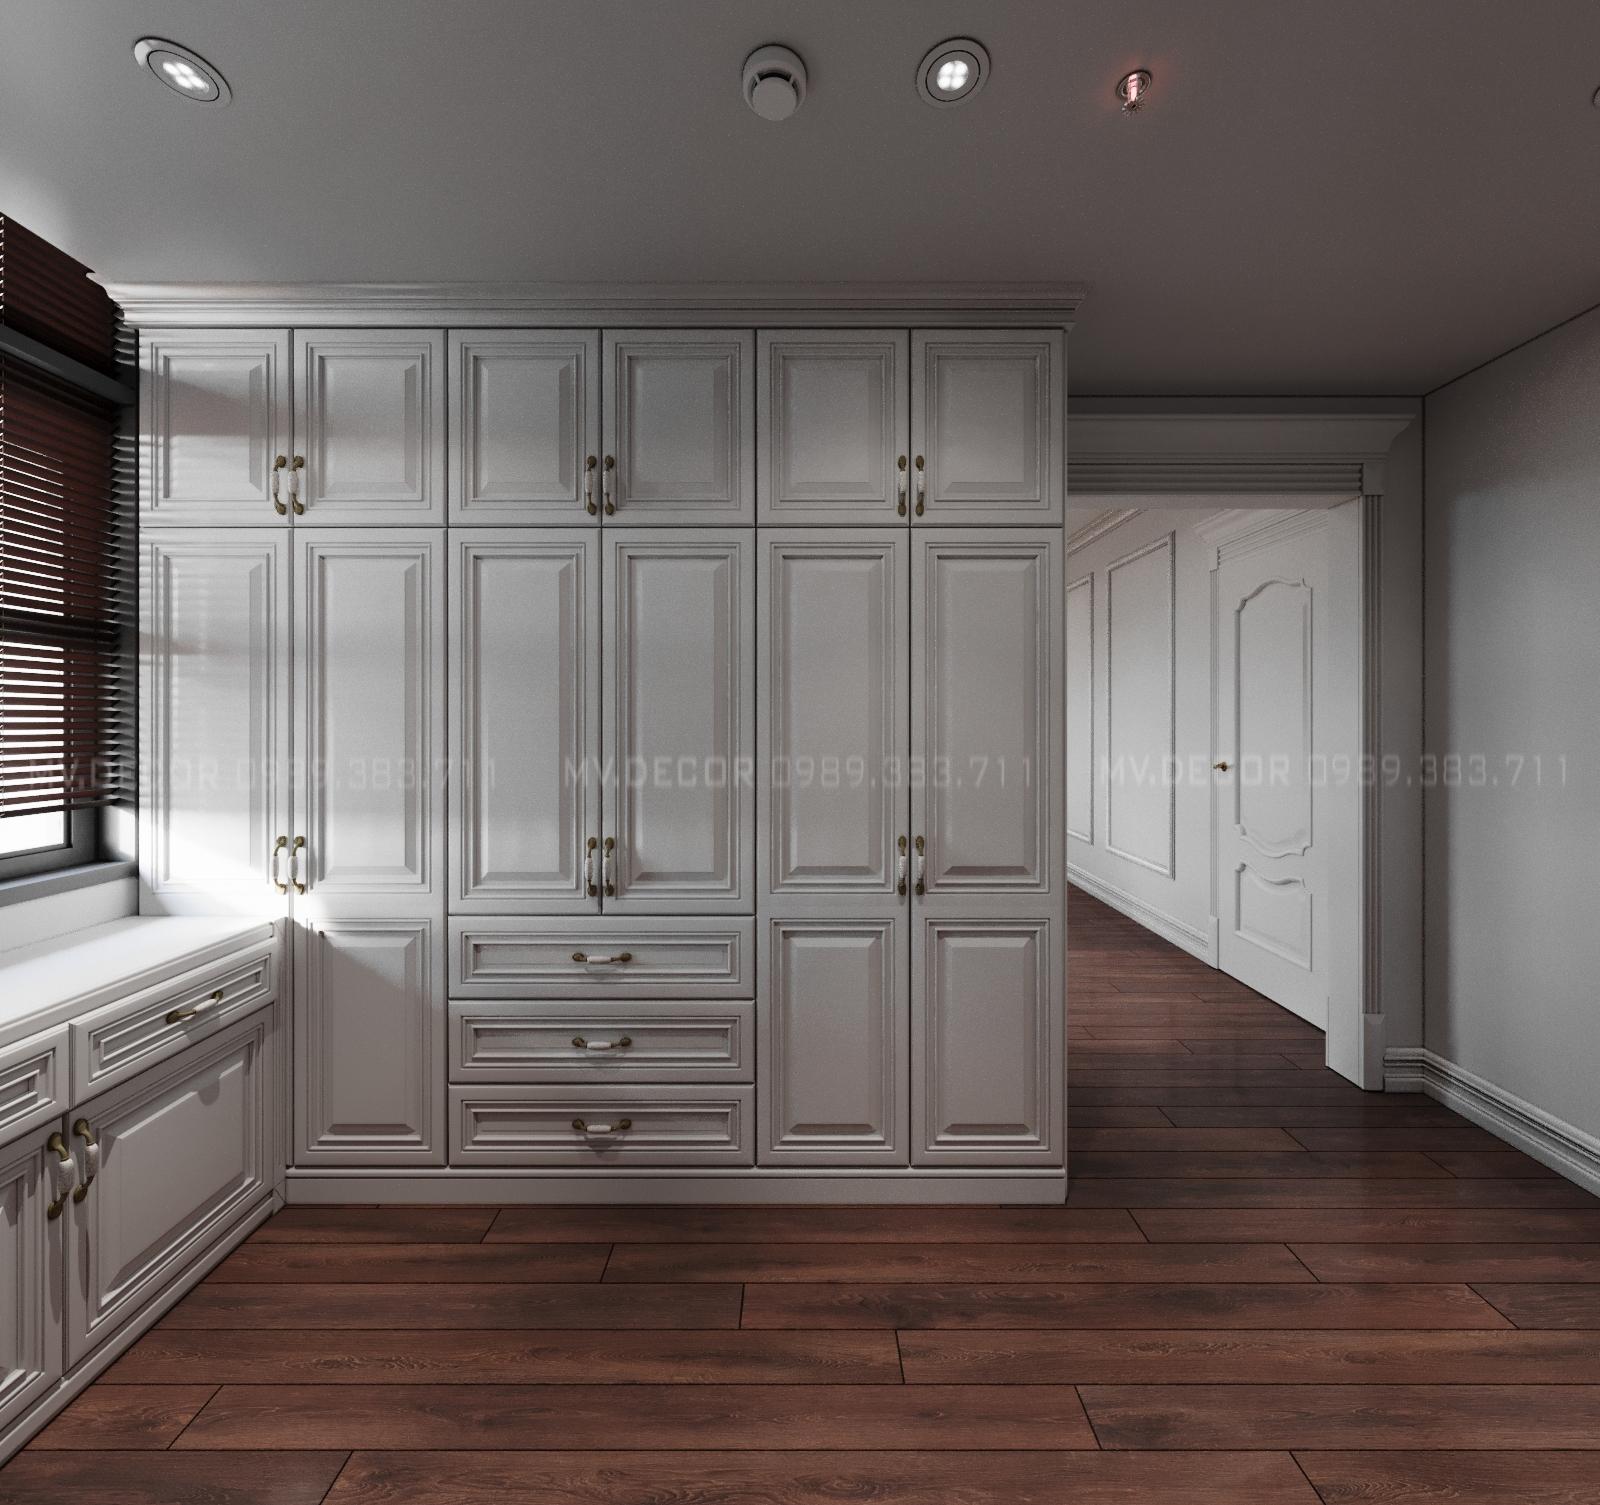 thiết kế nội thất Biệt Thự tại Hải Phòng BT VENICE 6-26 21 1564932019